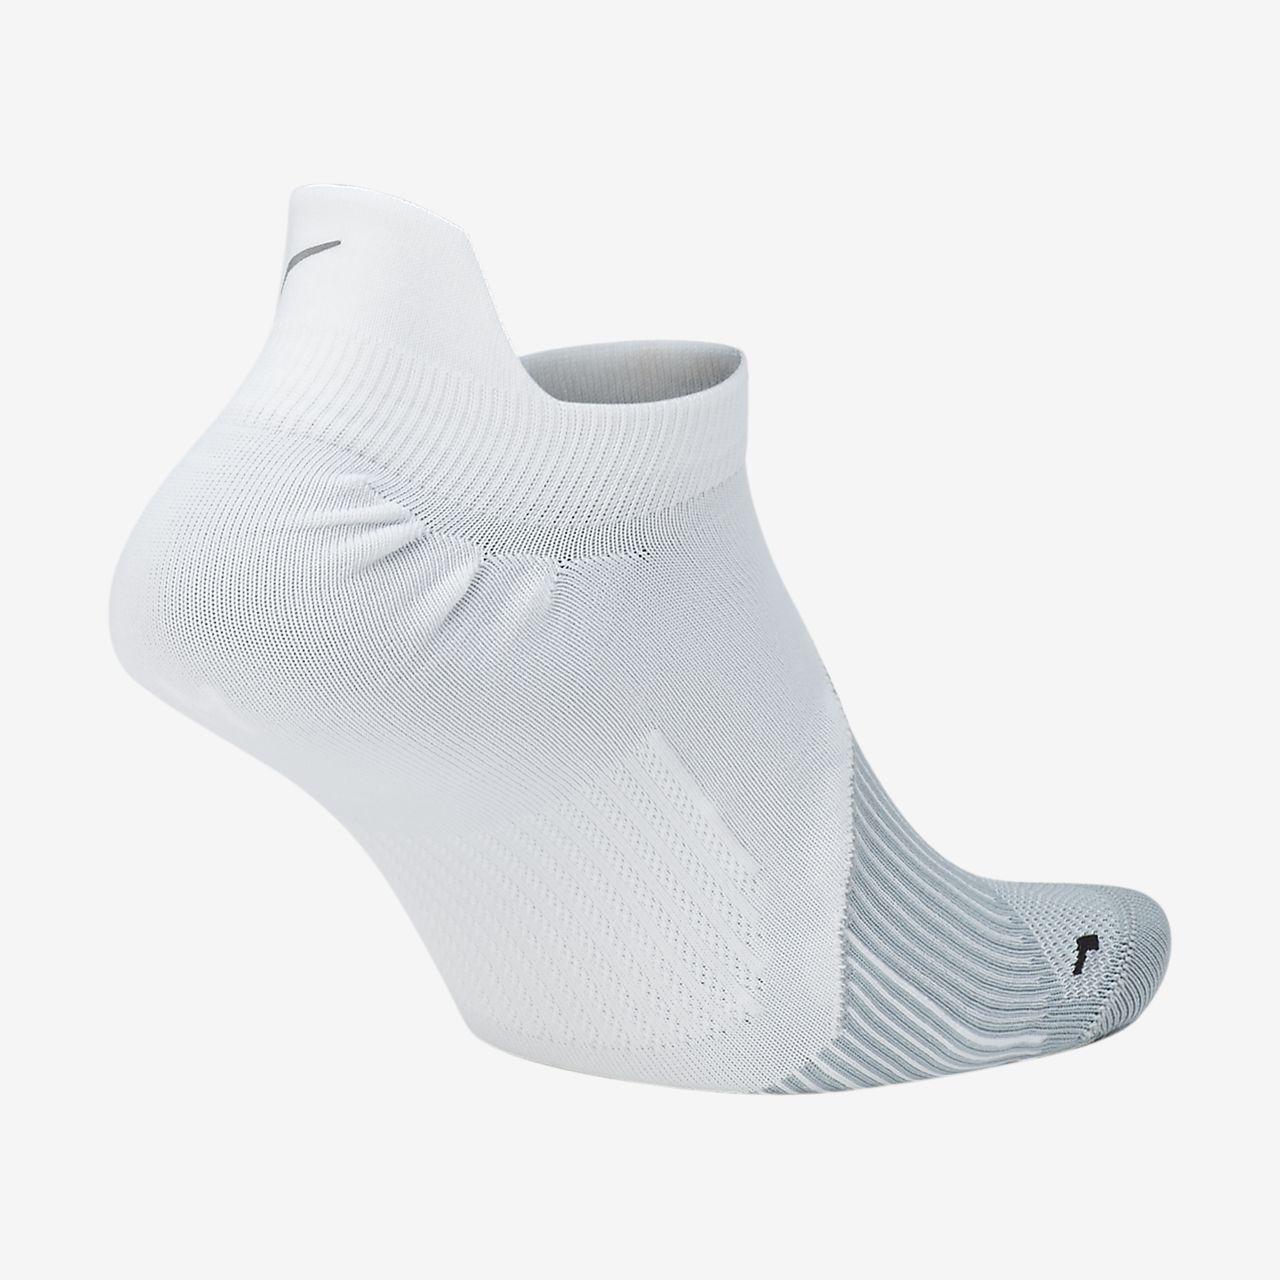 Nike Elite Lightweight No-Show Calcetines de running